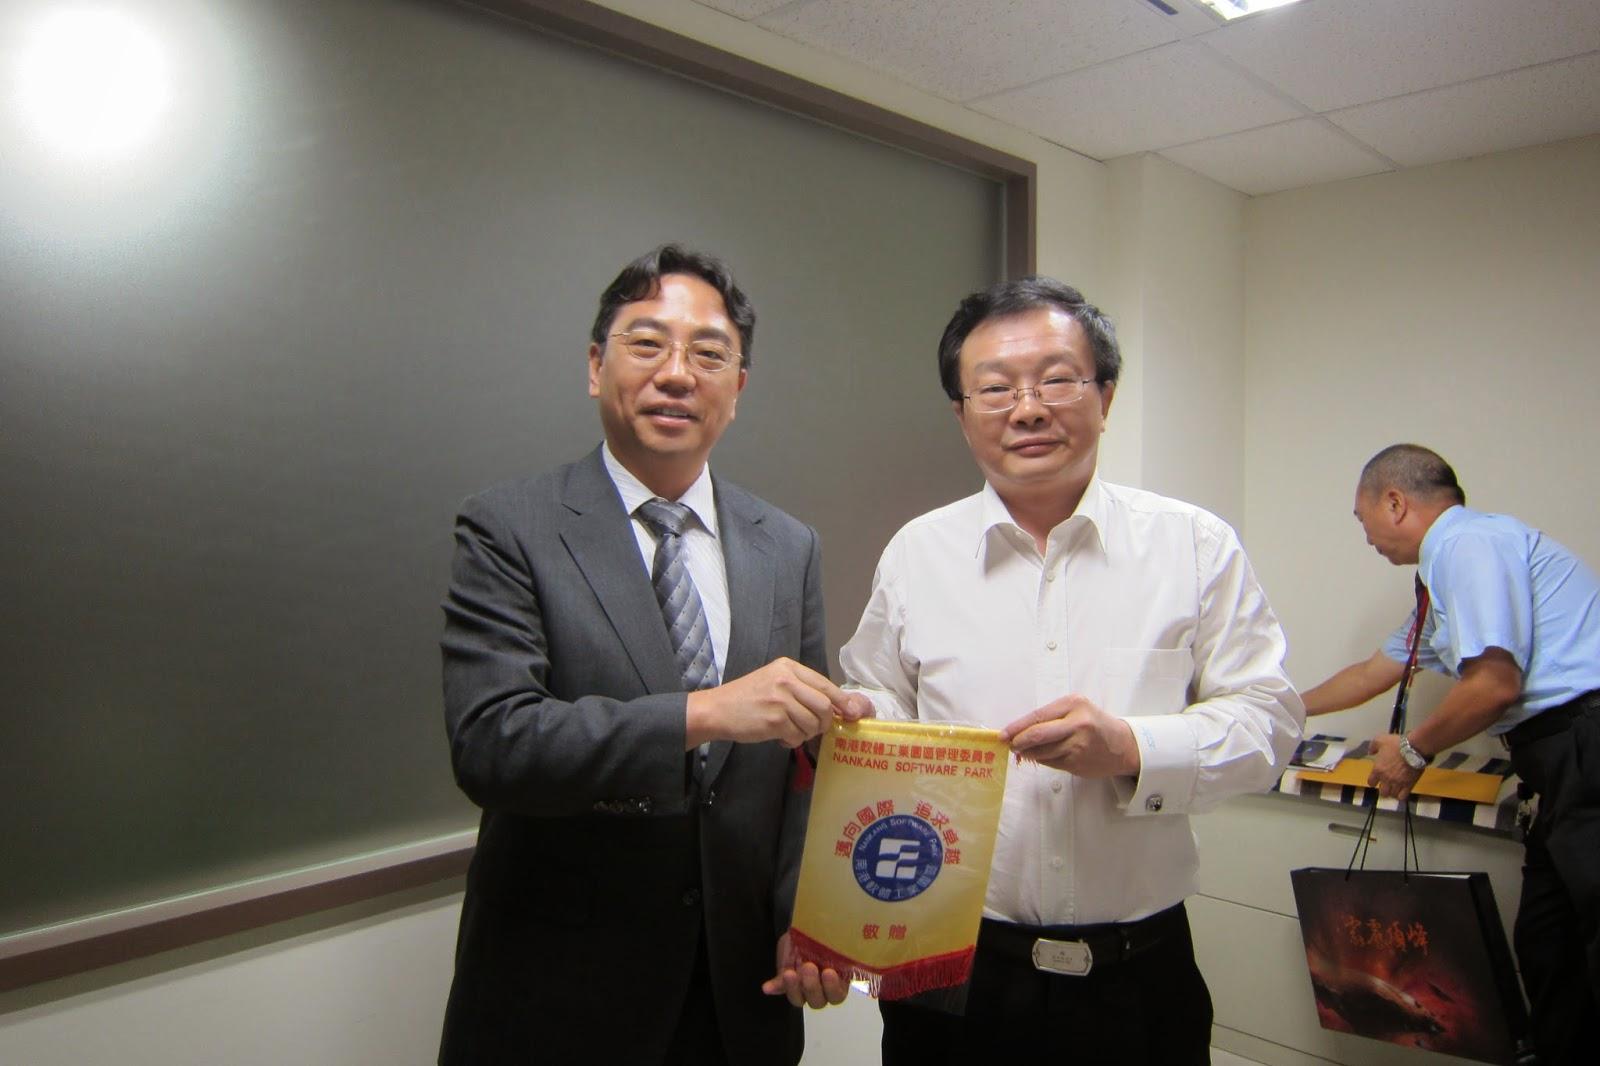 武漢市工商業聯合會參訪團